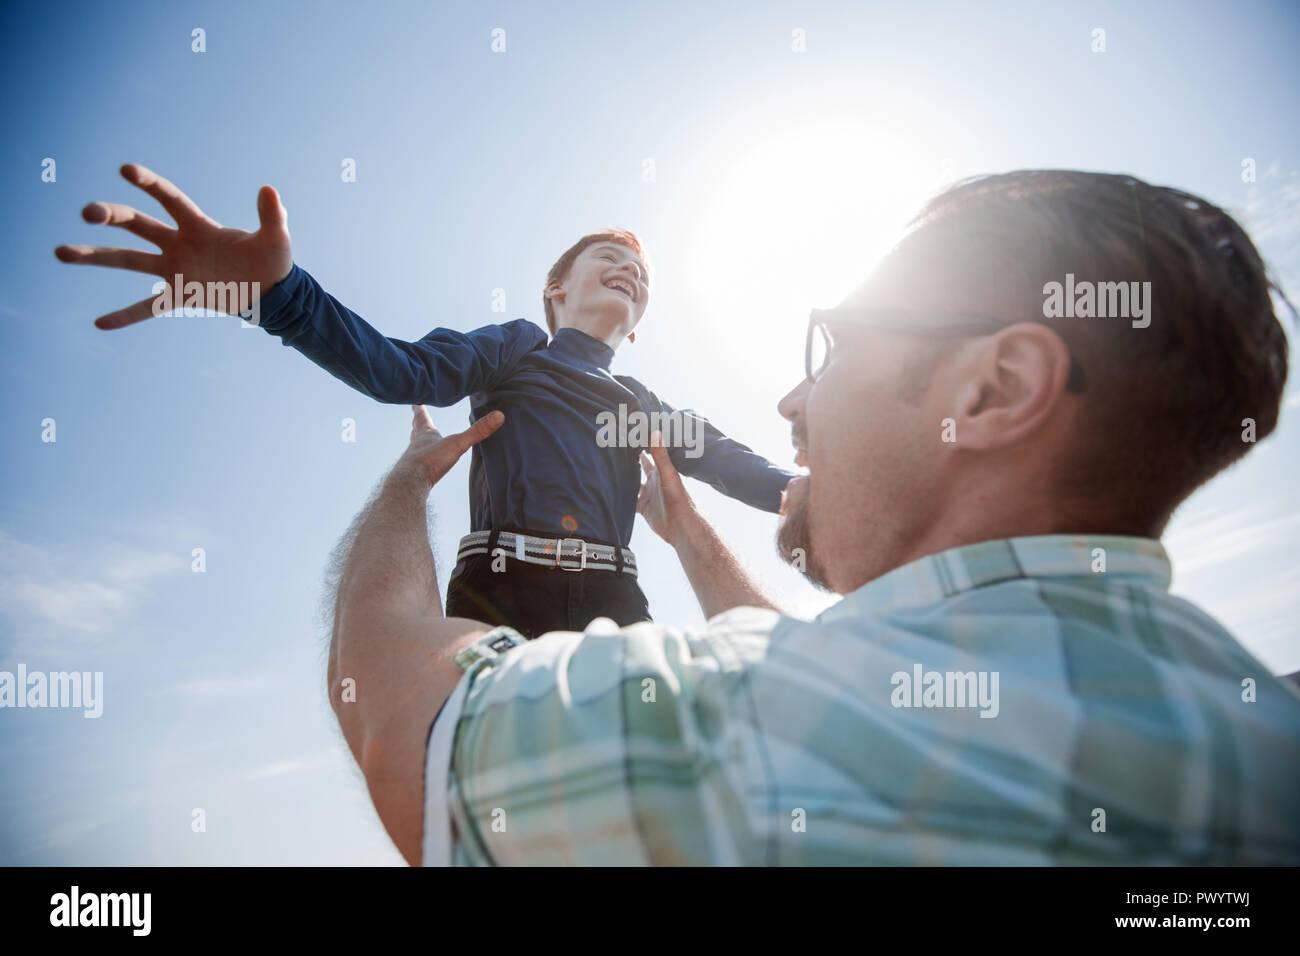 Felice il padre e il Figlio insieme giocando.la nozione di paternità Immagini Stock